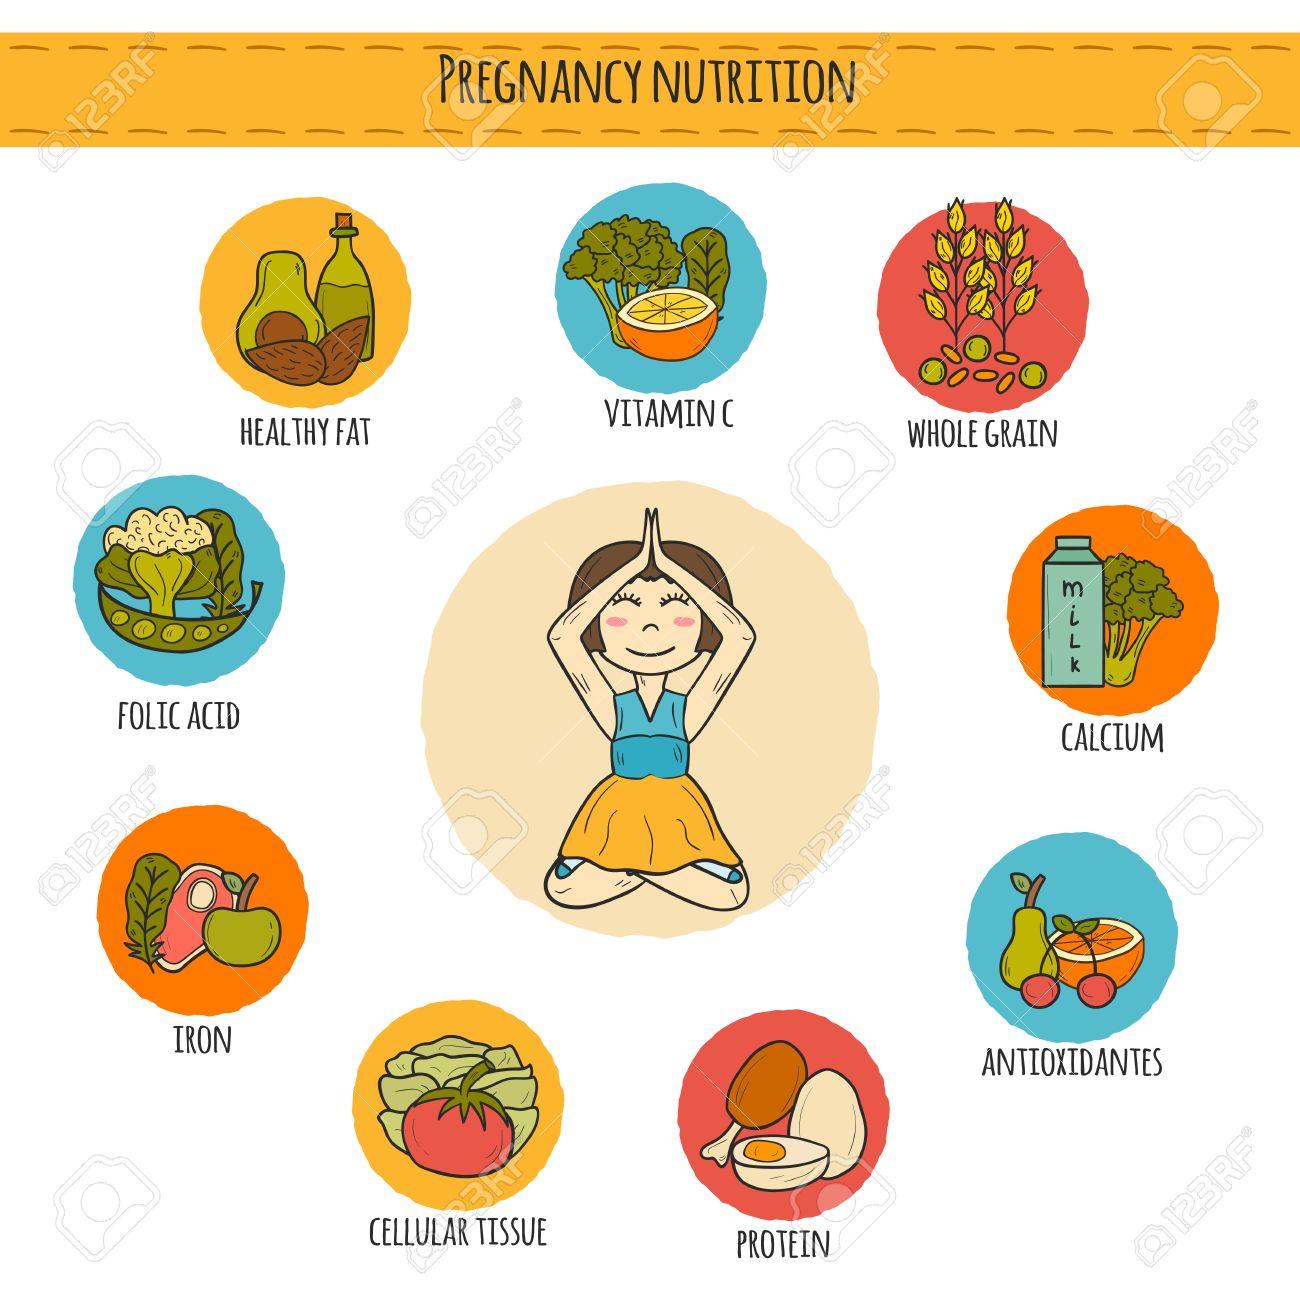 Conjunto De La Mano De Dibujos Animados Infografía Dibujado El Embarazo La Nutrición Con La Mujer Embarazada Y La Comida